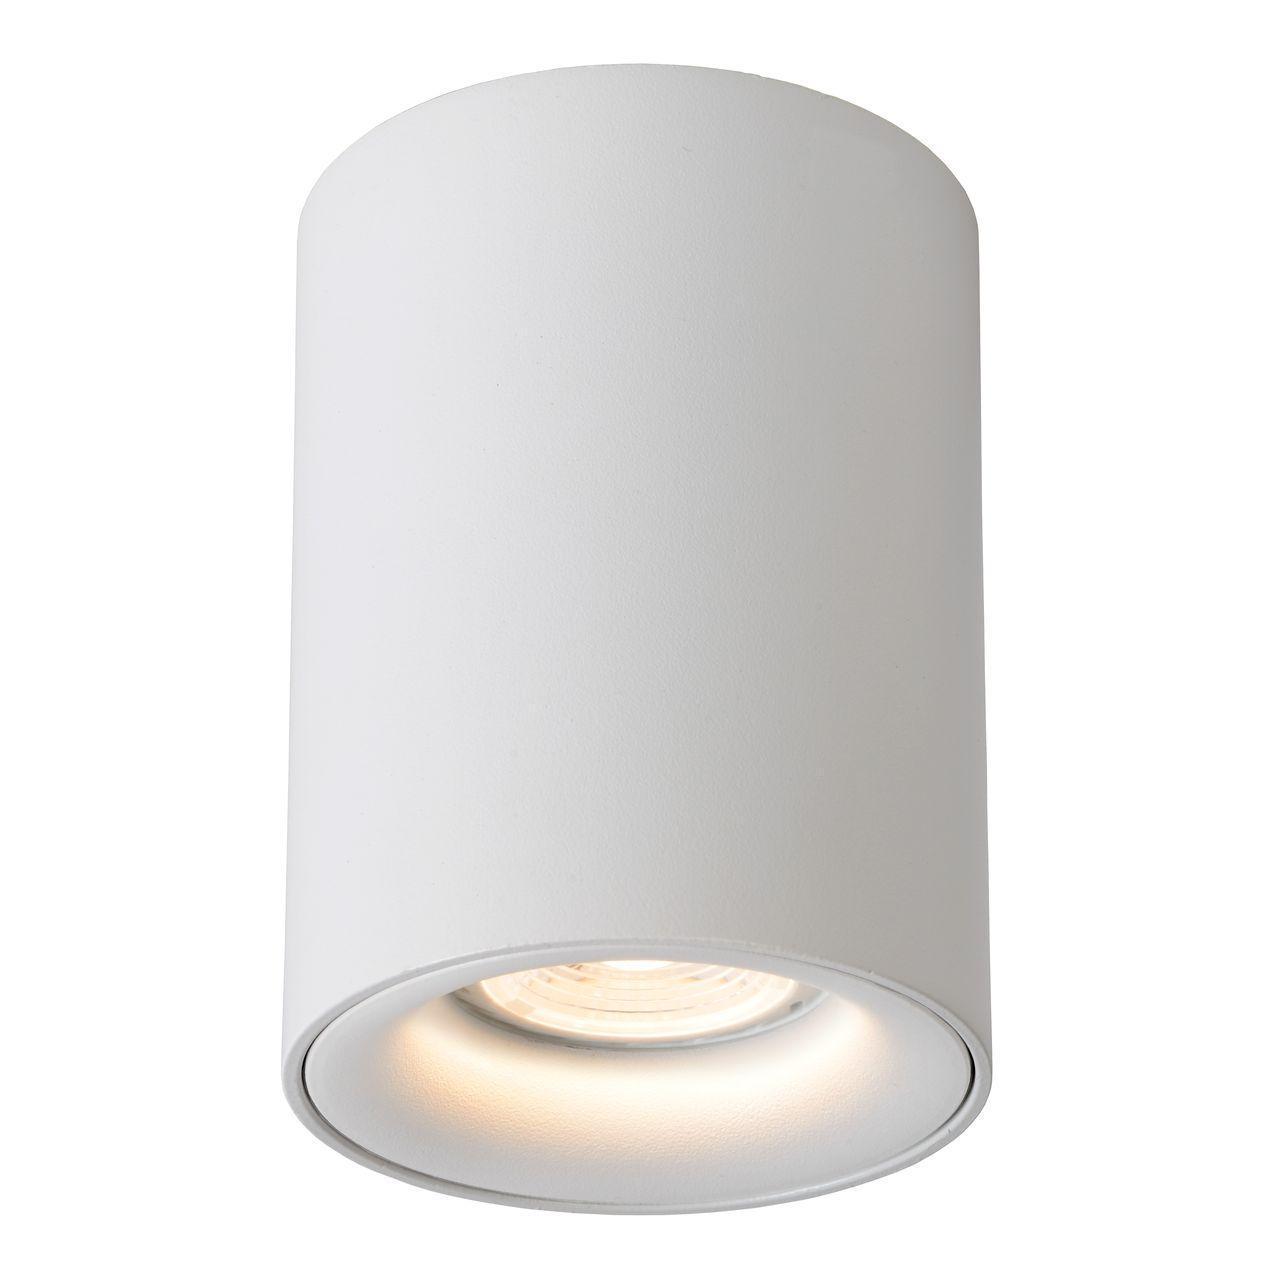 Потолочный светильник Lucide Bentoo Led 09912/05/31 lucide 09912 05 31